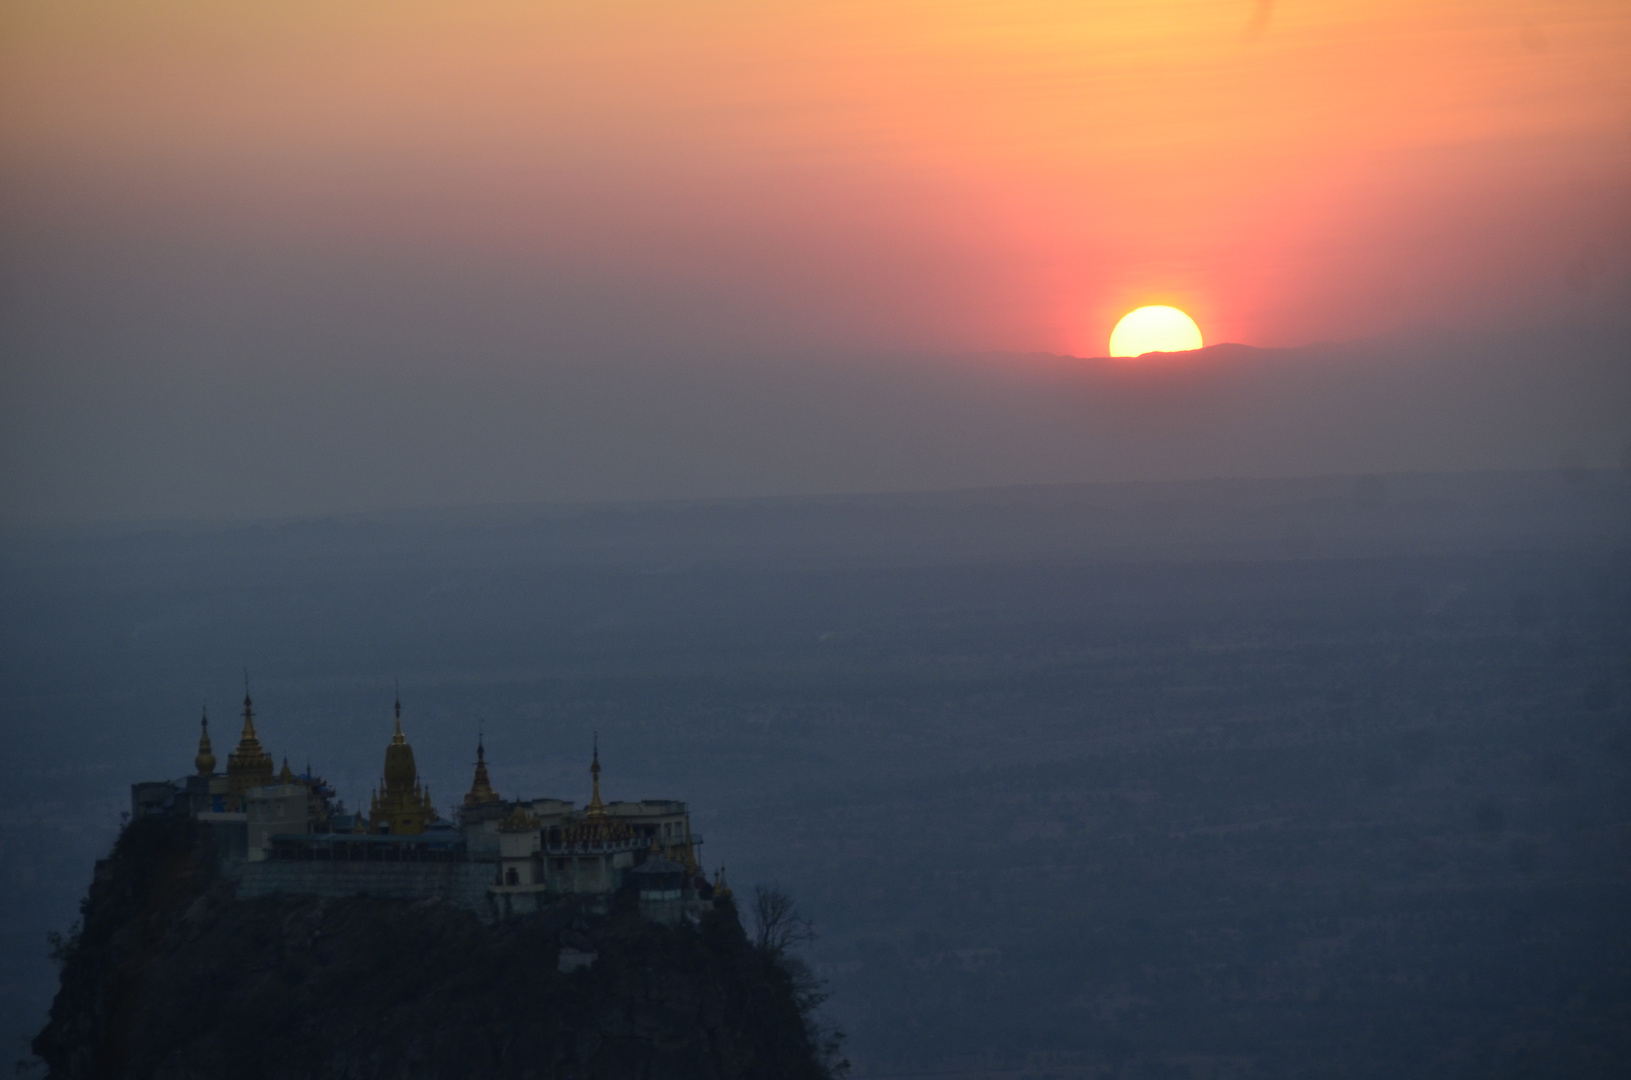 Sonnenuntergang vom Mount Popa aus gesehen